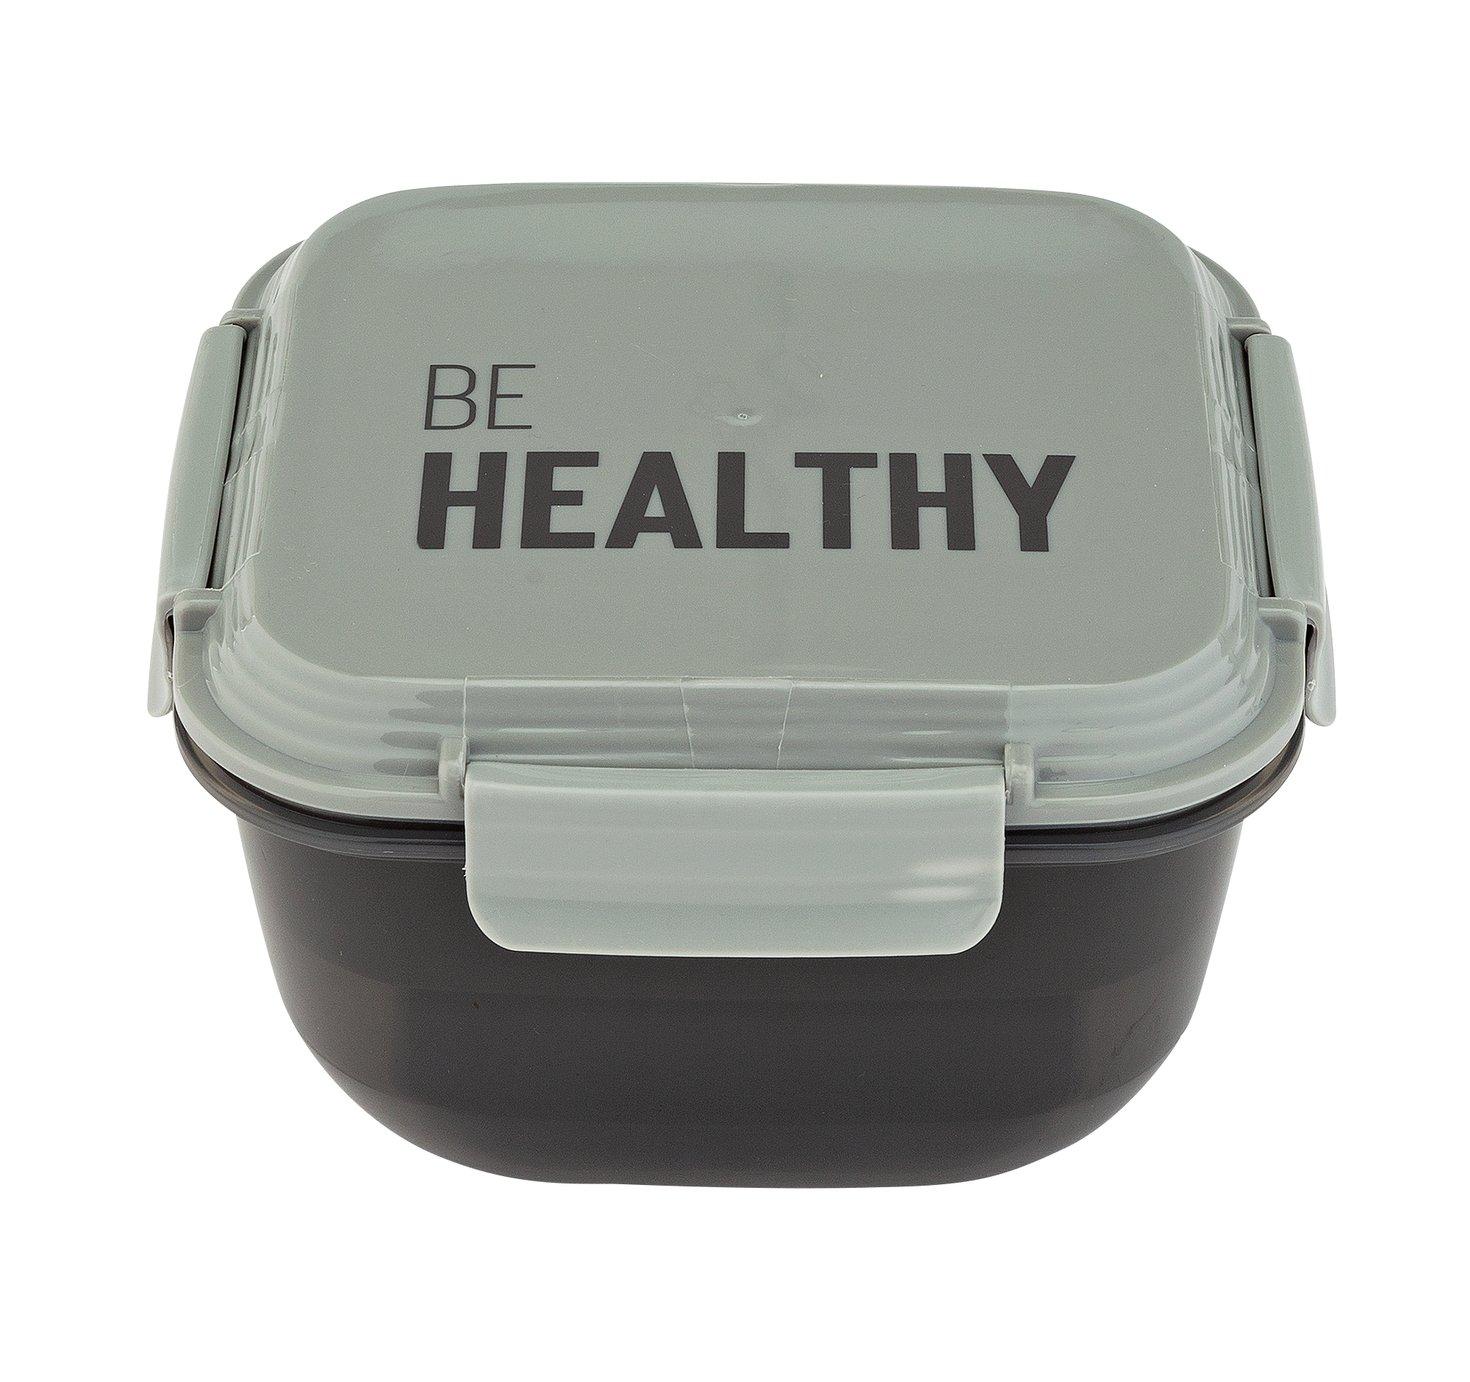 Polar Gear Be Healthy Meal Prep Box